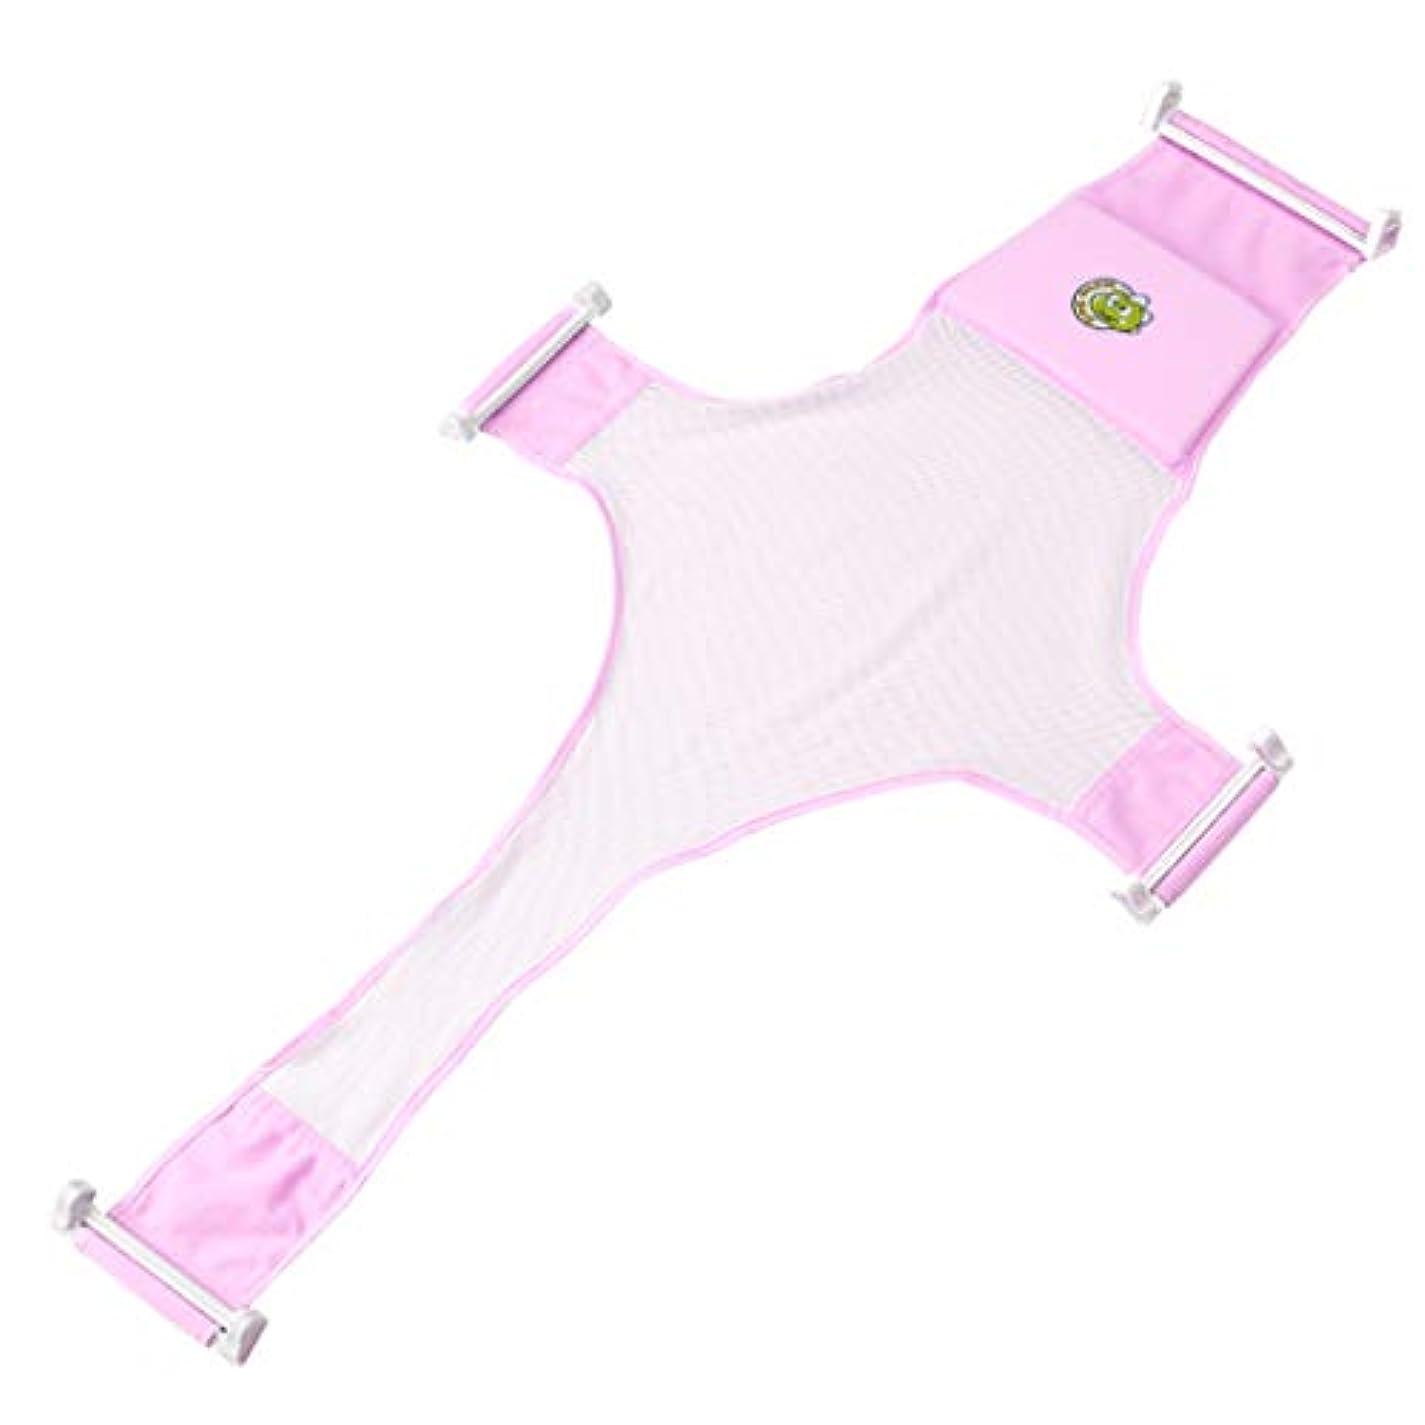 ポンペイ以降ヒュームOniorベビー十字架支網 調節可能 座席 支持網 滑り止め 快適 入浴 スタンドサスペンダー ハンモック 柔らかい ピンク